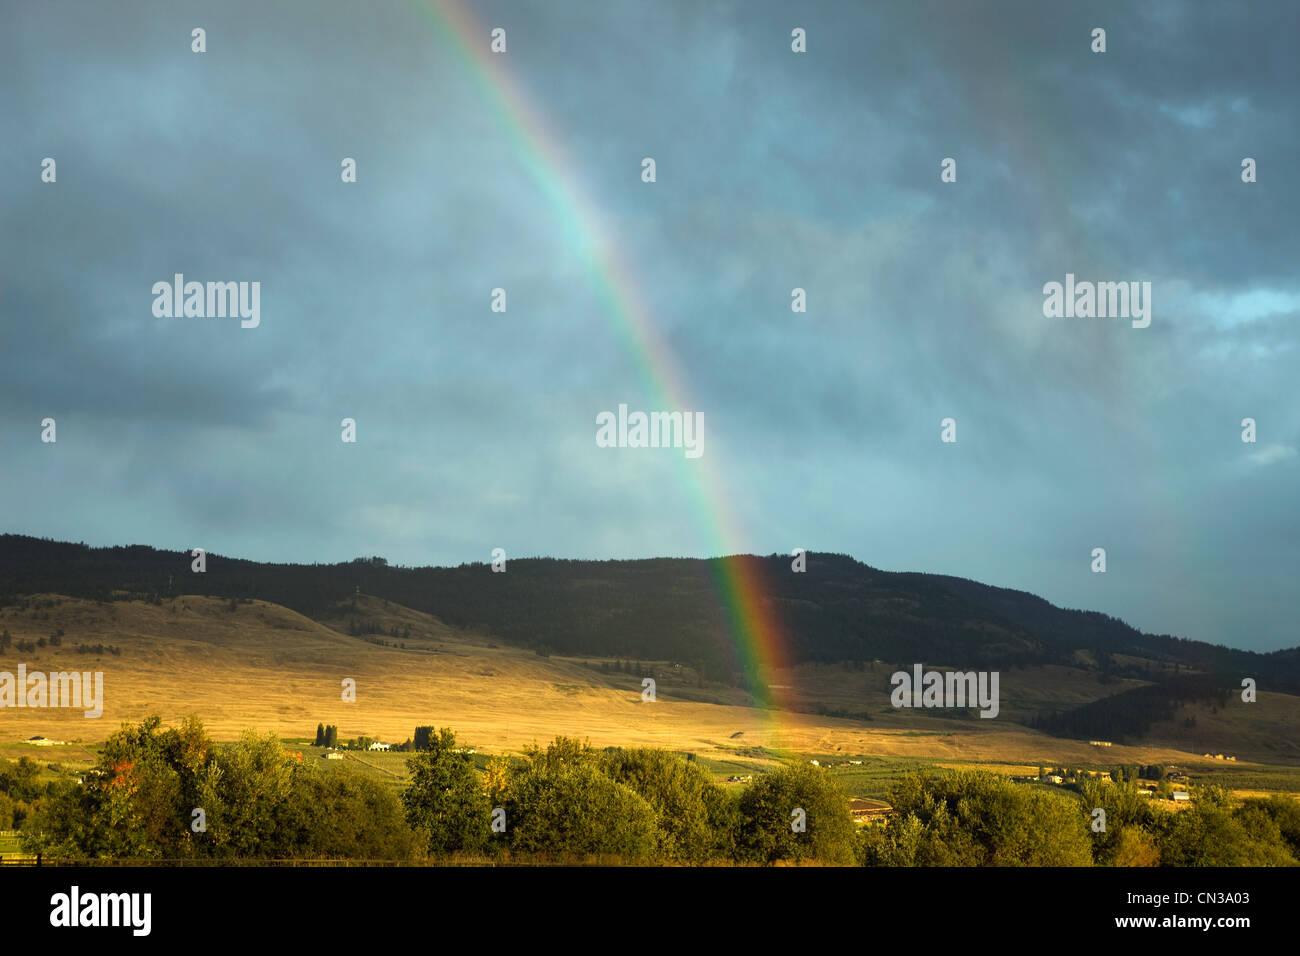 Arco iris sobre un paisaje pintoresco, British Columbia, Canadá Foto de stock